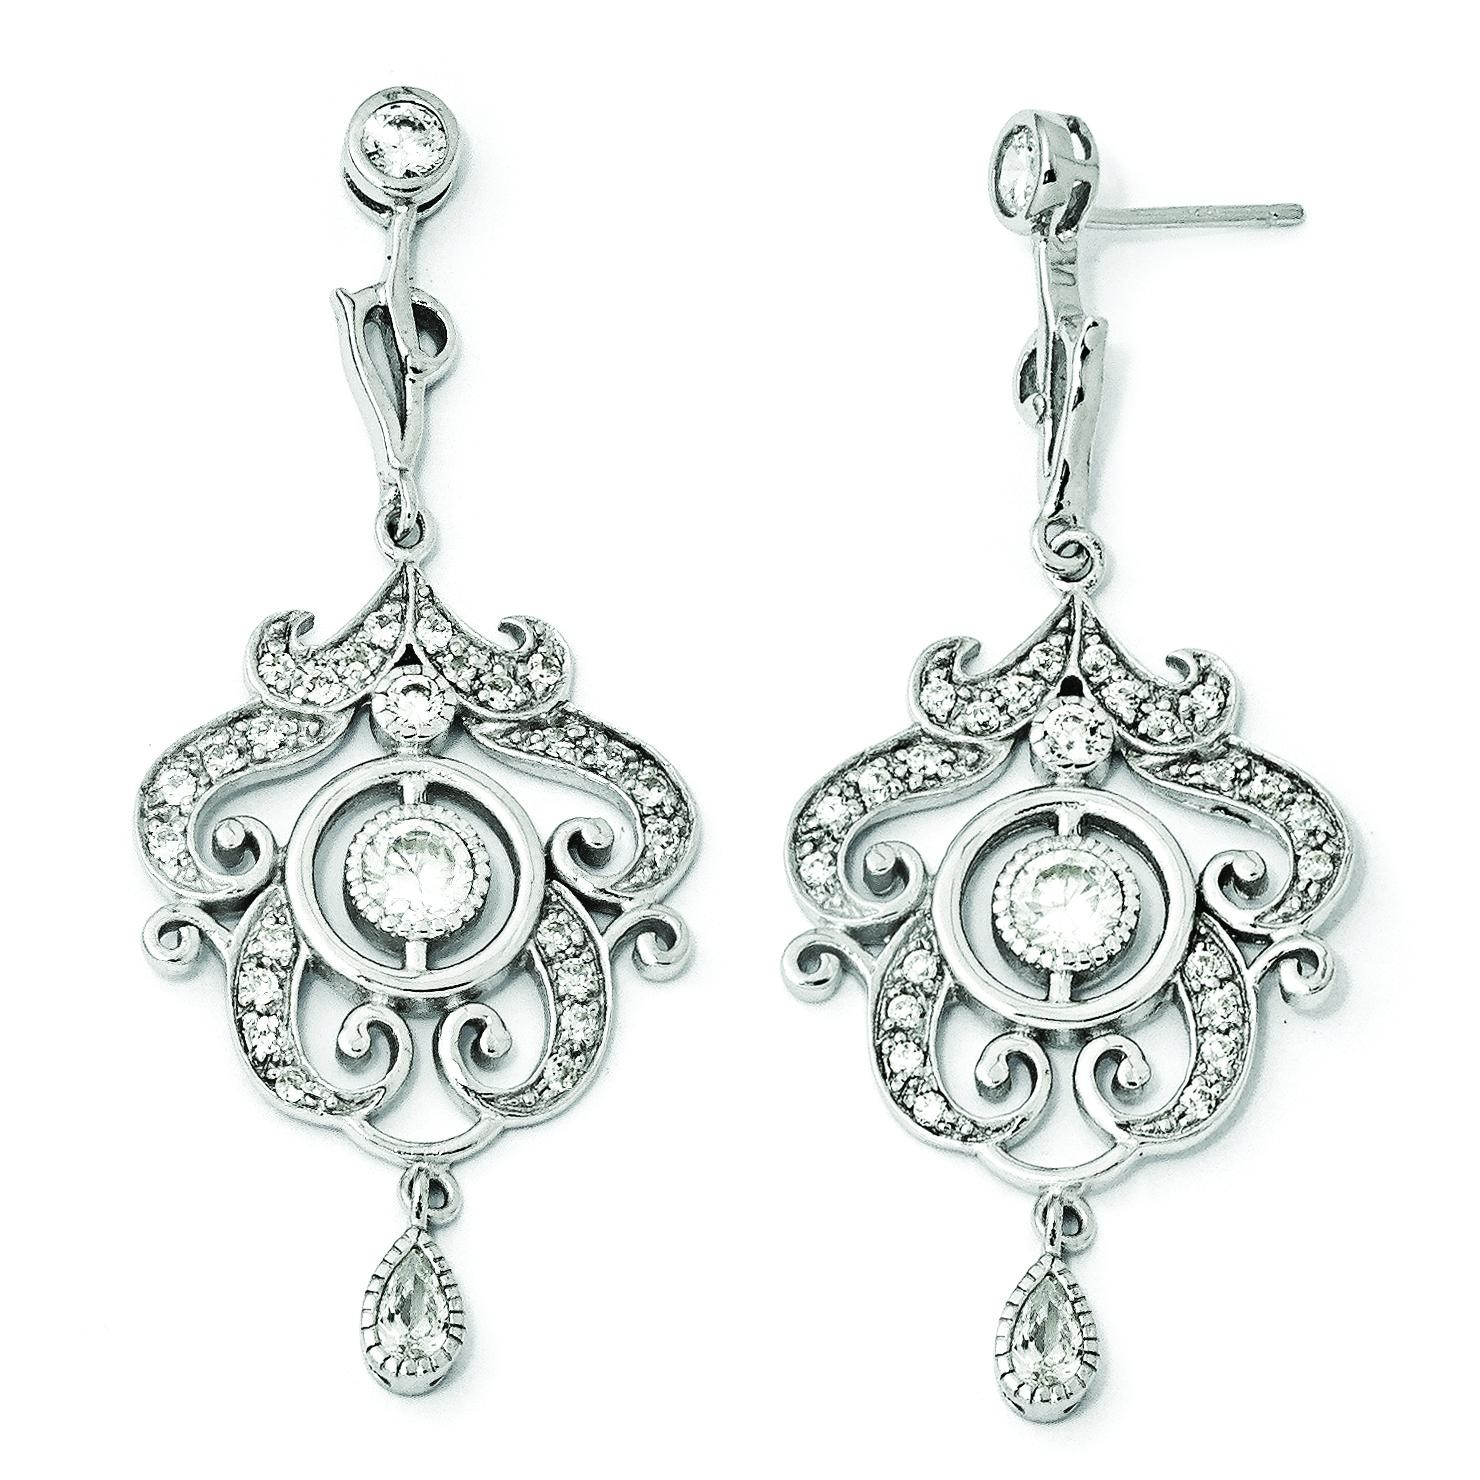 CZ Chandelier Dangle Post Earrings in Sterling Silver